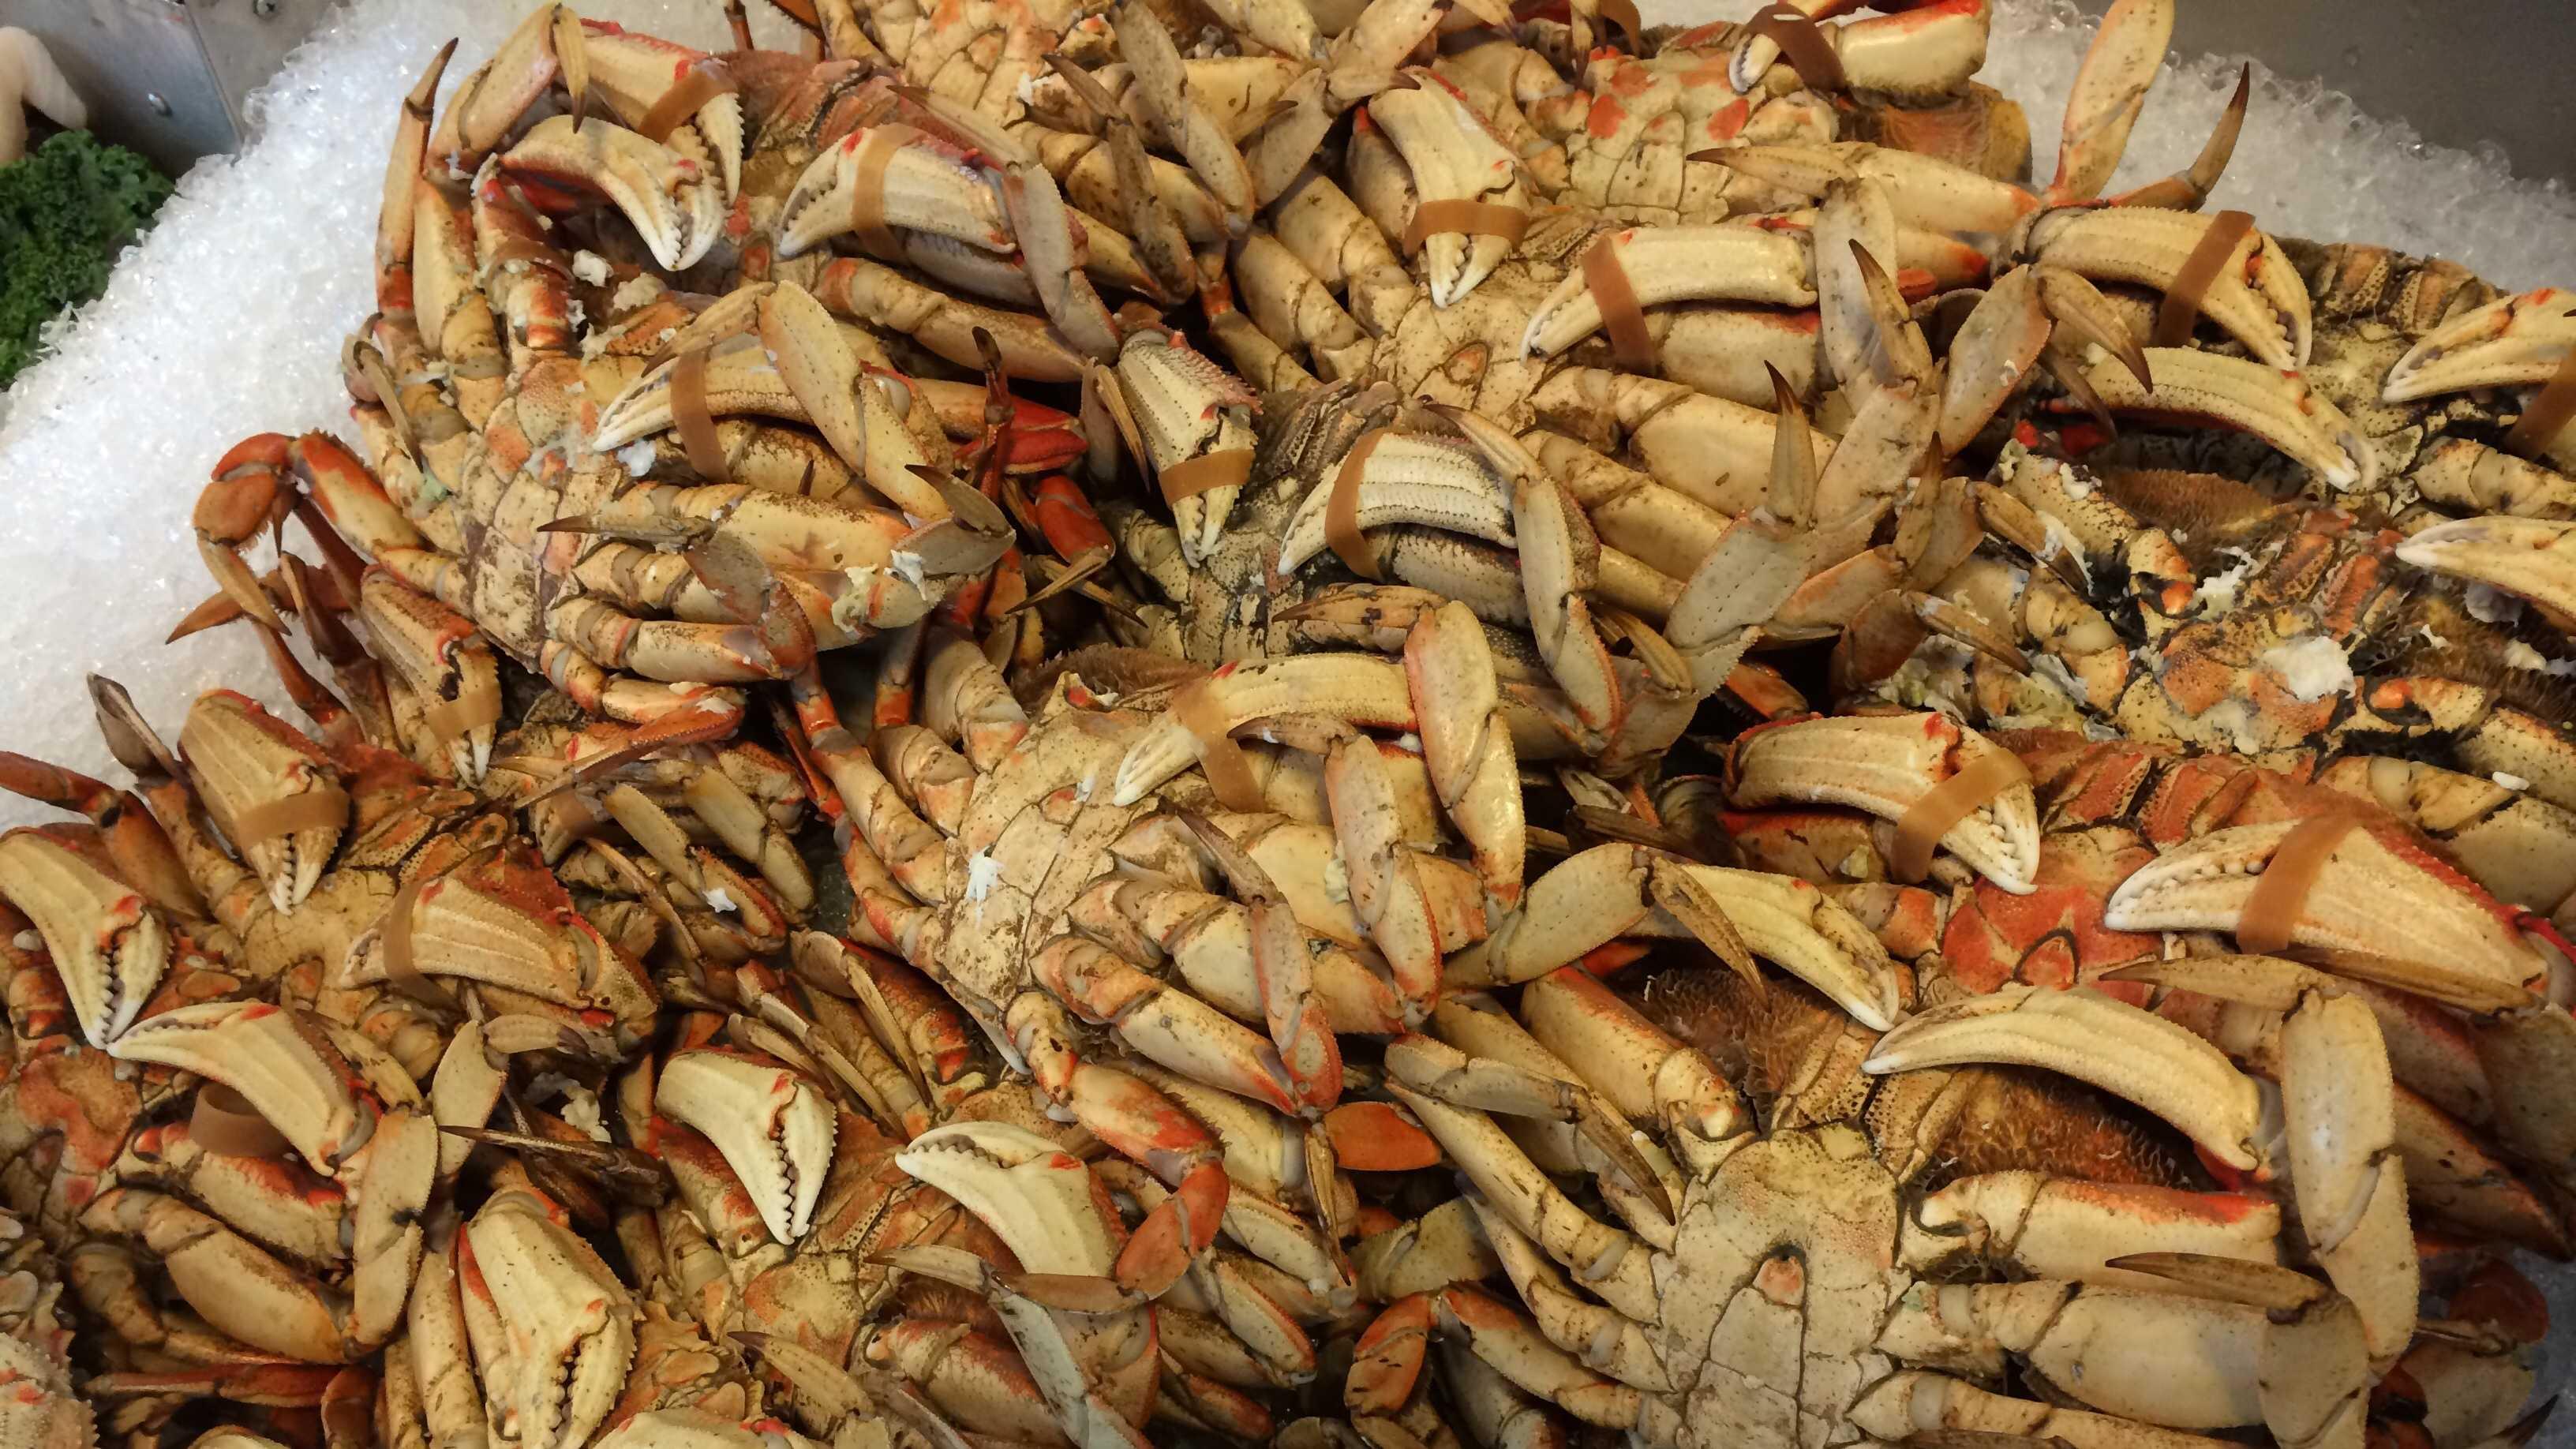 crabs.jpg (1)